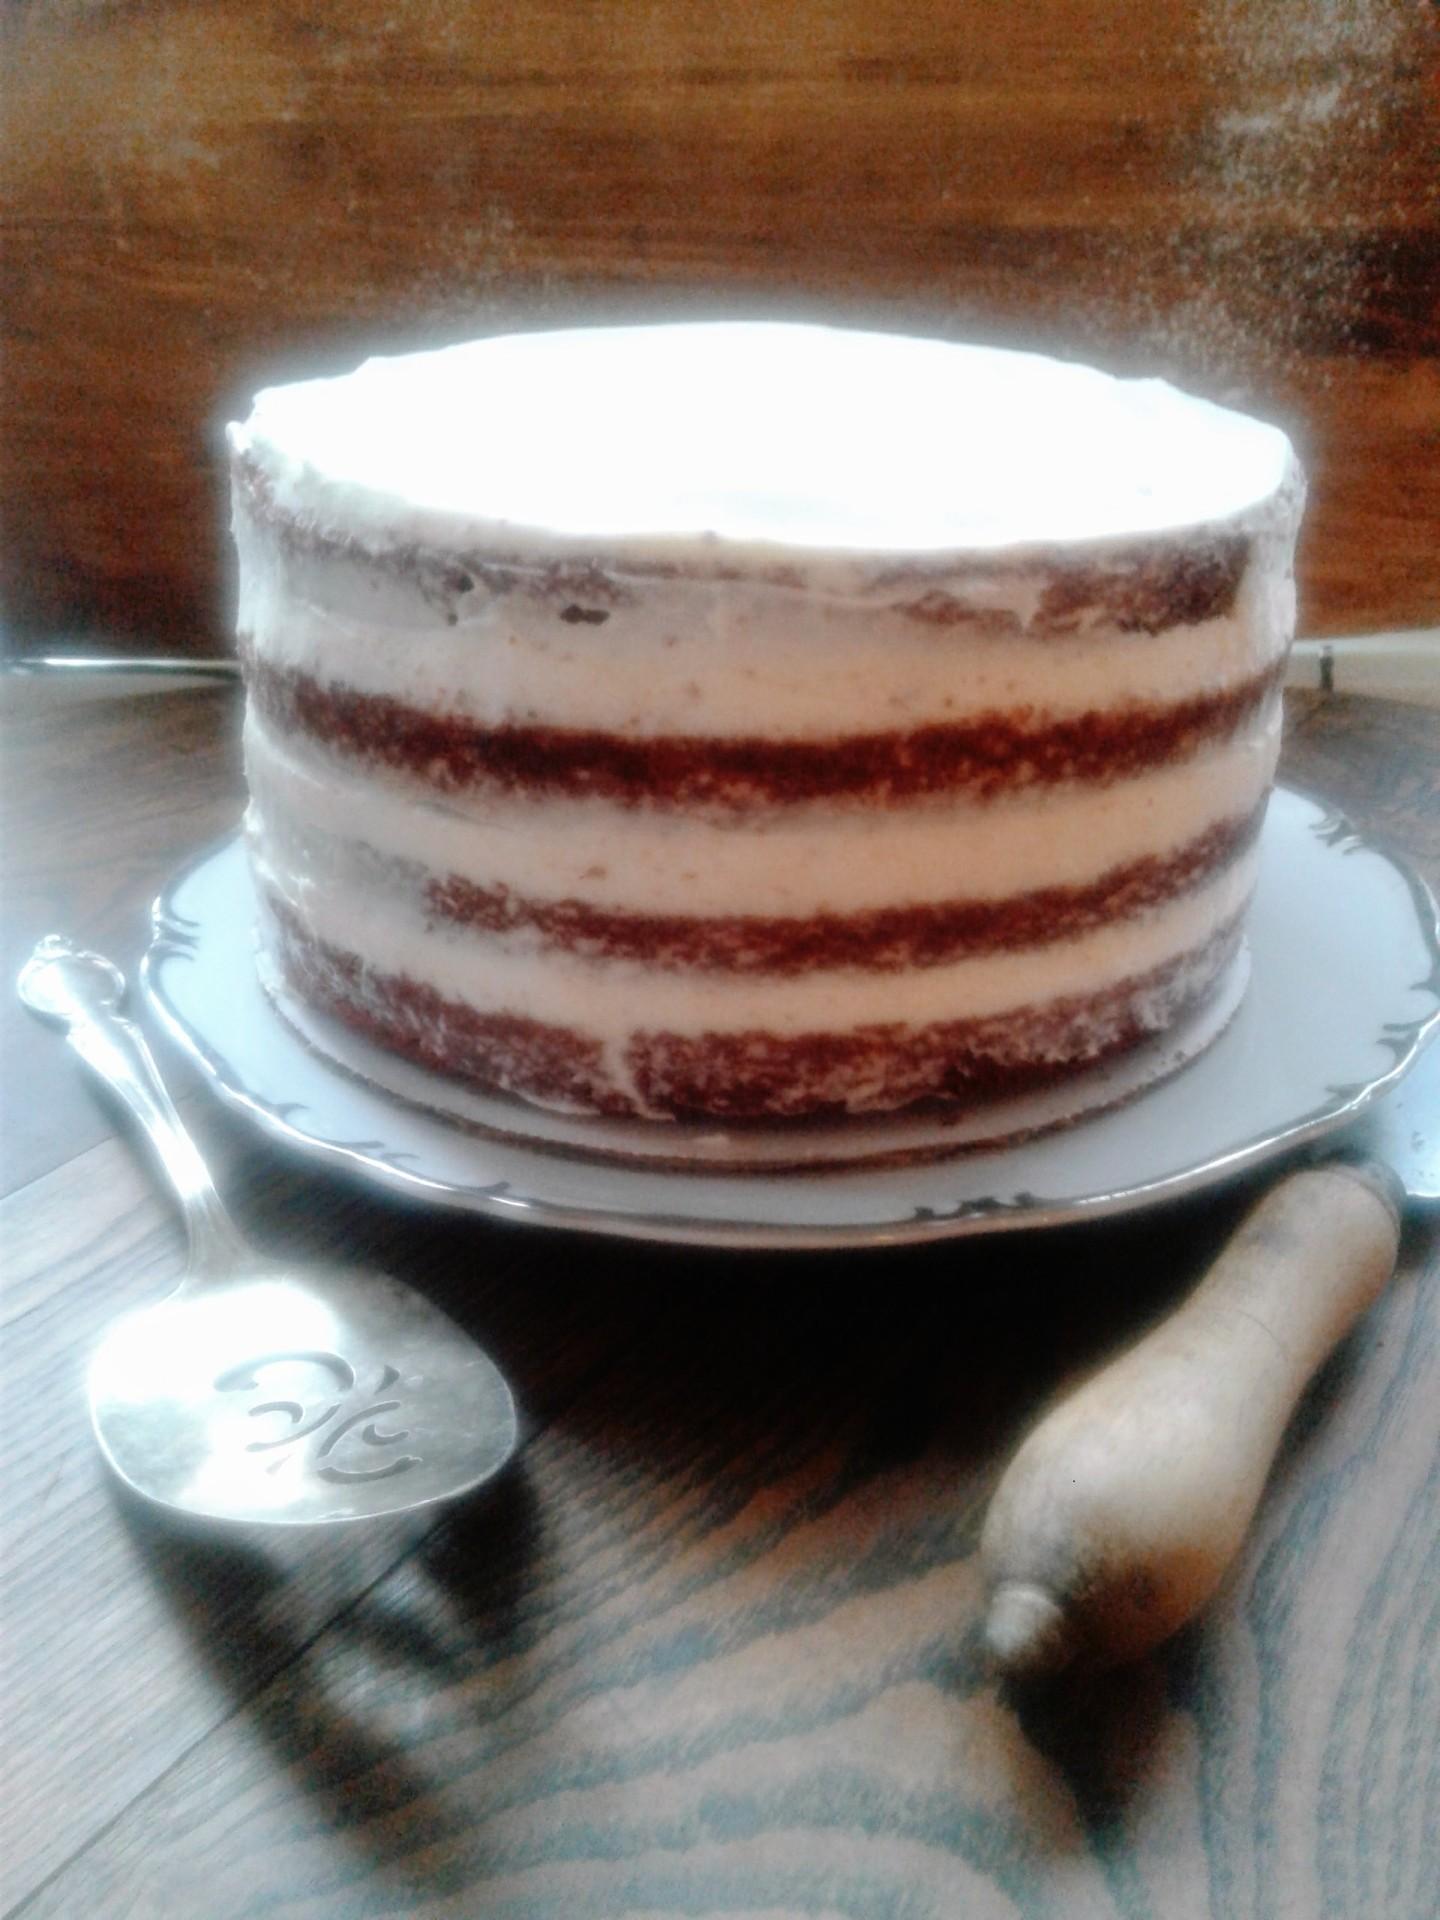 Red Velvet Cake w/ cream cheese frosting (vegan option avail.)